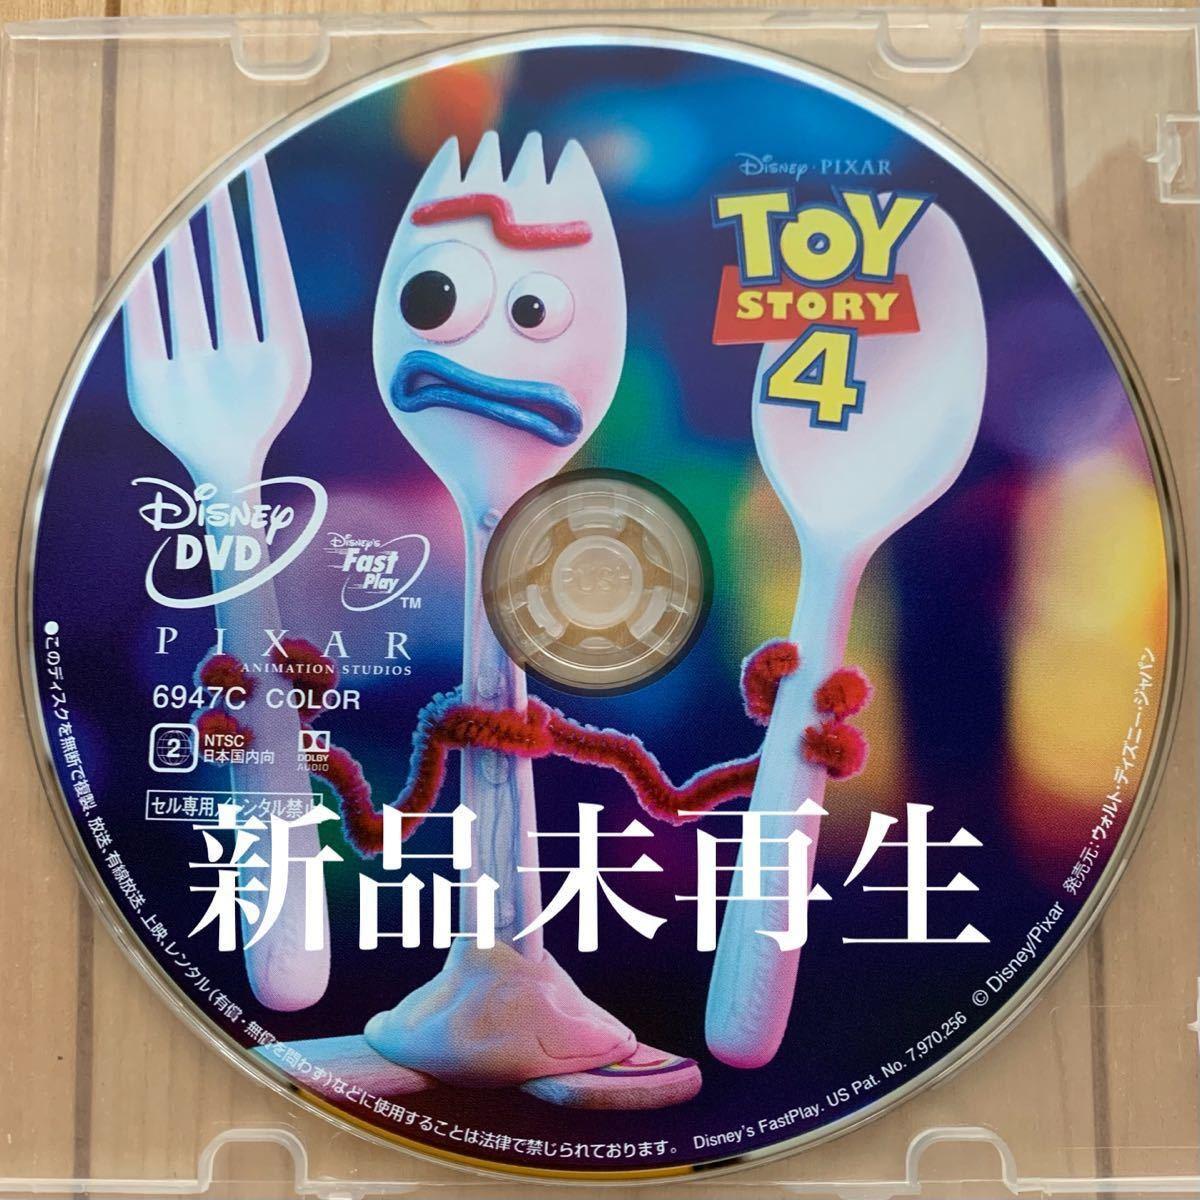 トイ・ストーリー4【国内正規版】DVDディスクのみ 新品未再生 MovieNEX Disney ディズニー ピクサー